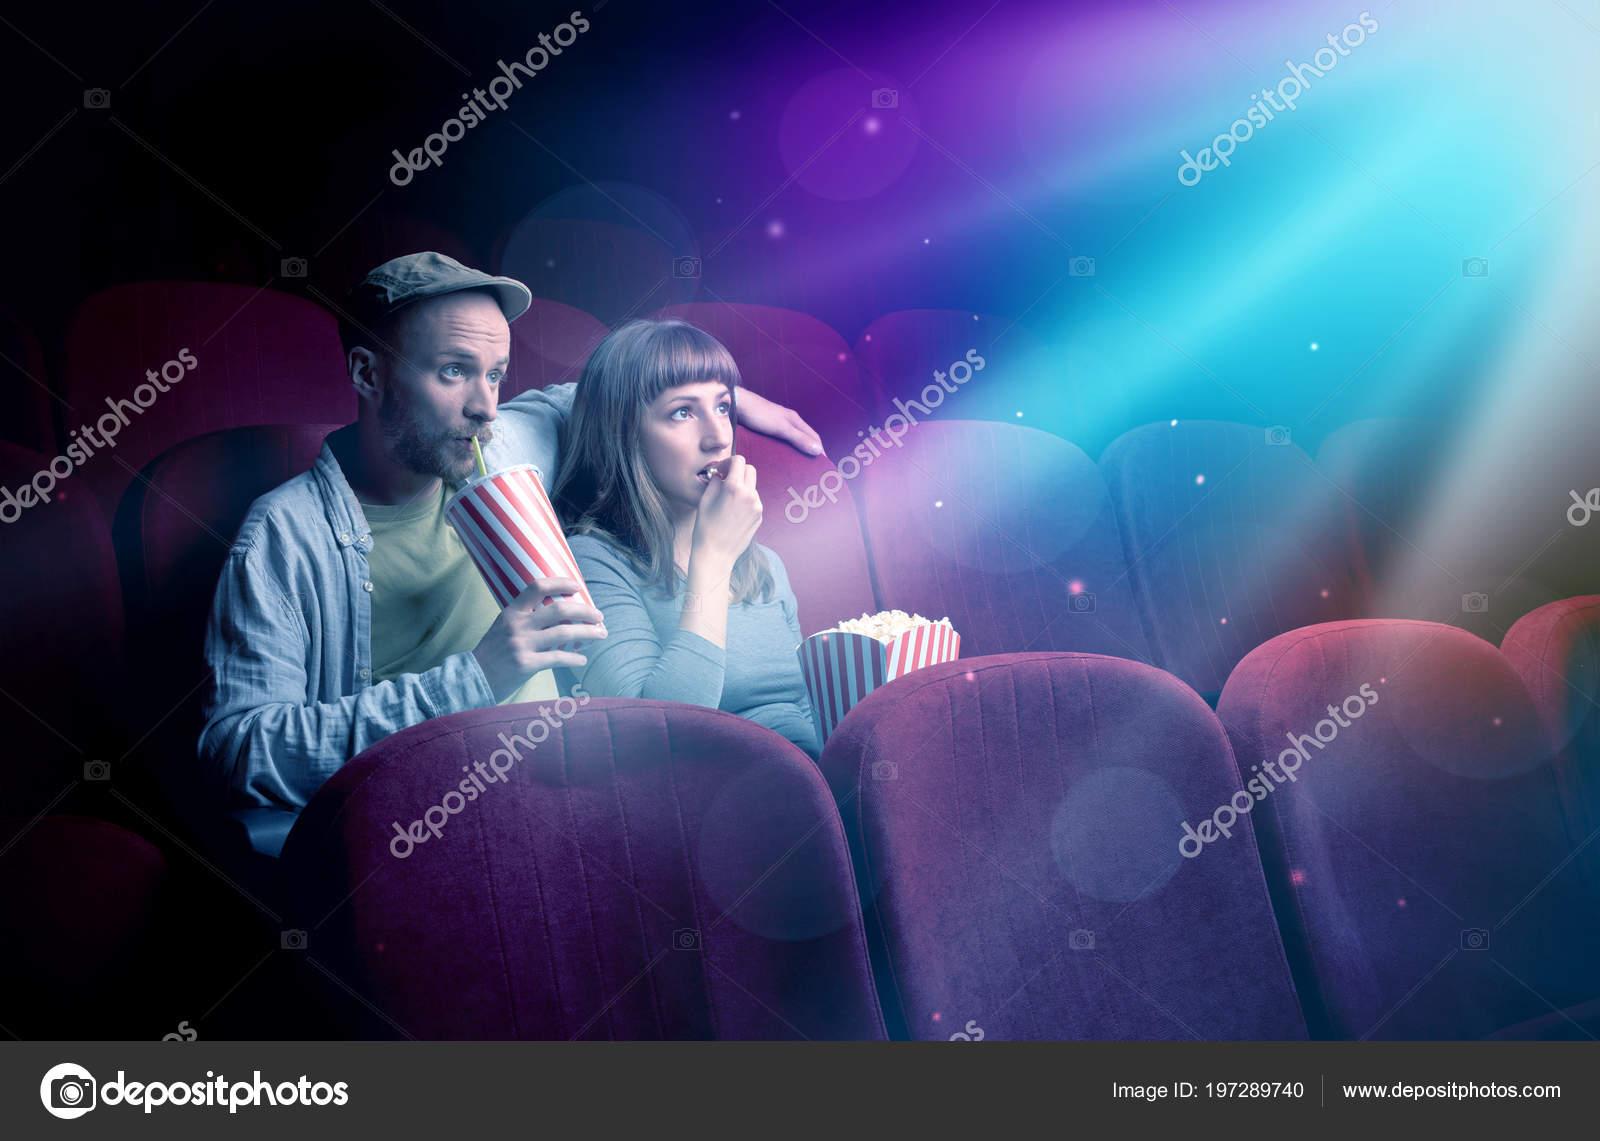 Любовь жить! Школа идол фестиваль фильмов blu-ray диск любовь в.